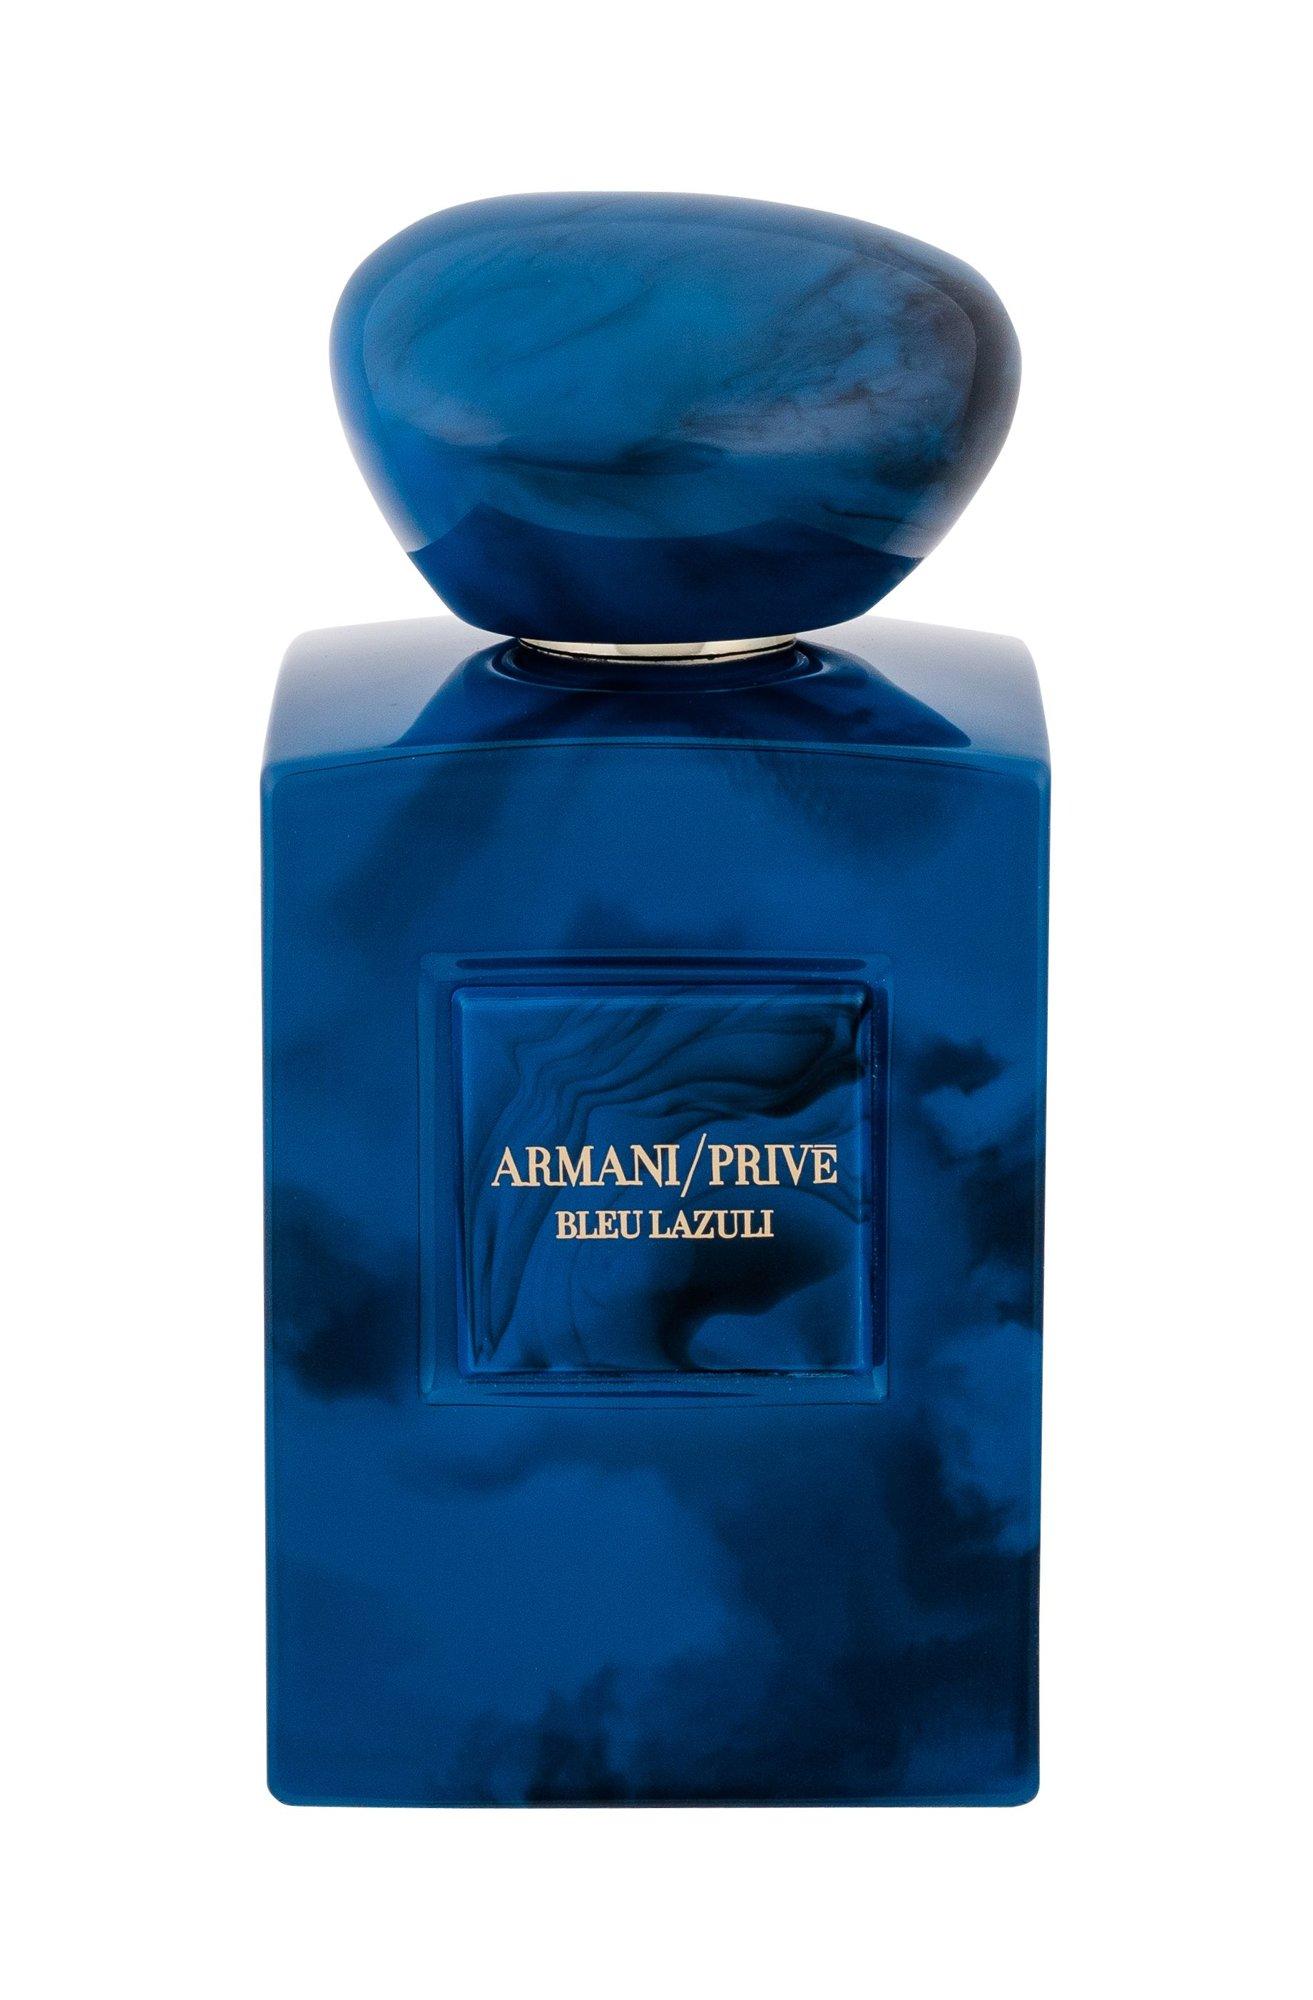 Armani Privé Bleu Lazuli Eau de Parfum 100ml